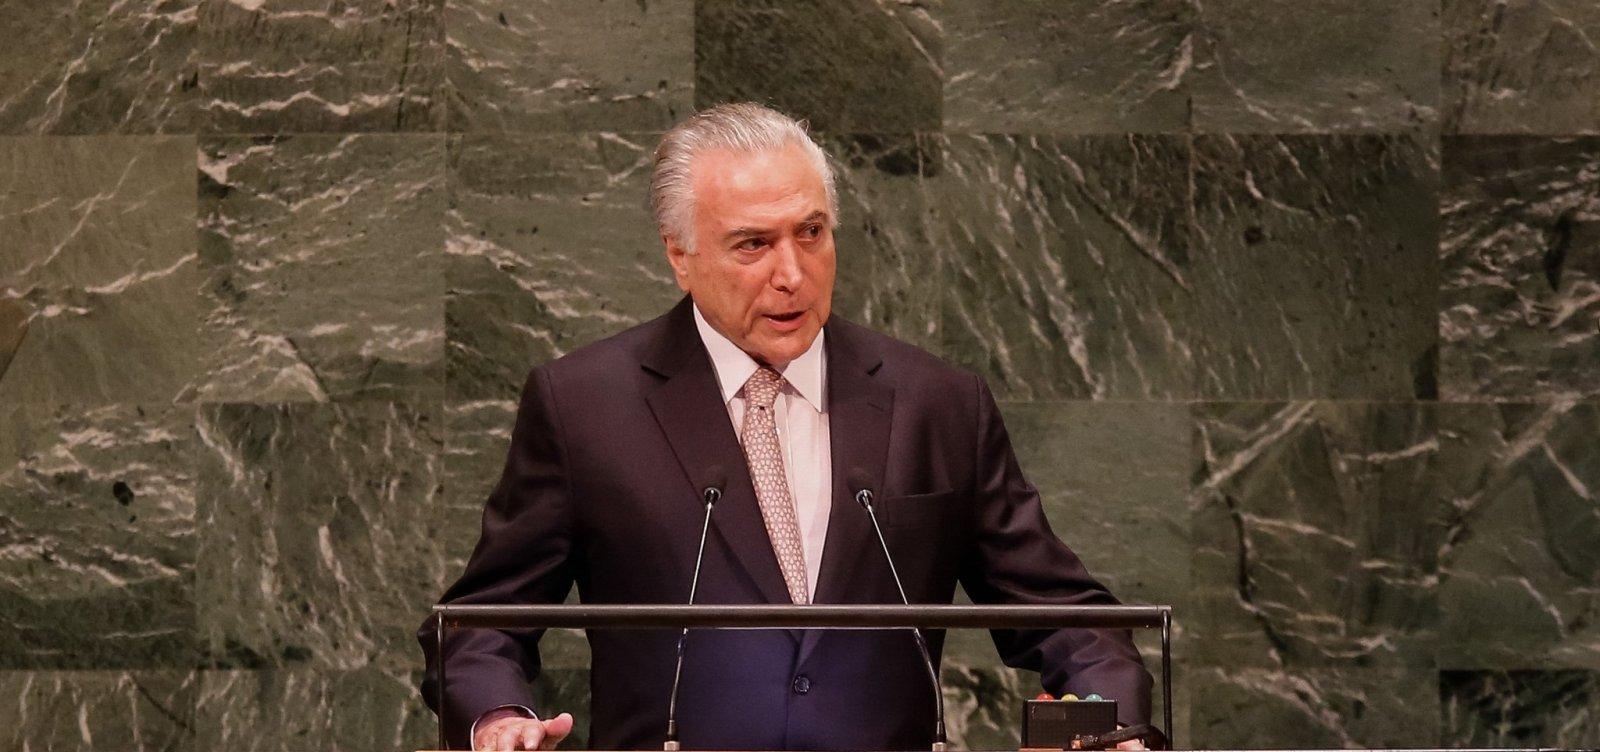 Temer diz na ONU que deixa Presidência com 'tranquilidade': 'Dever cumprido'